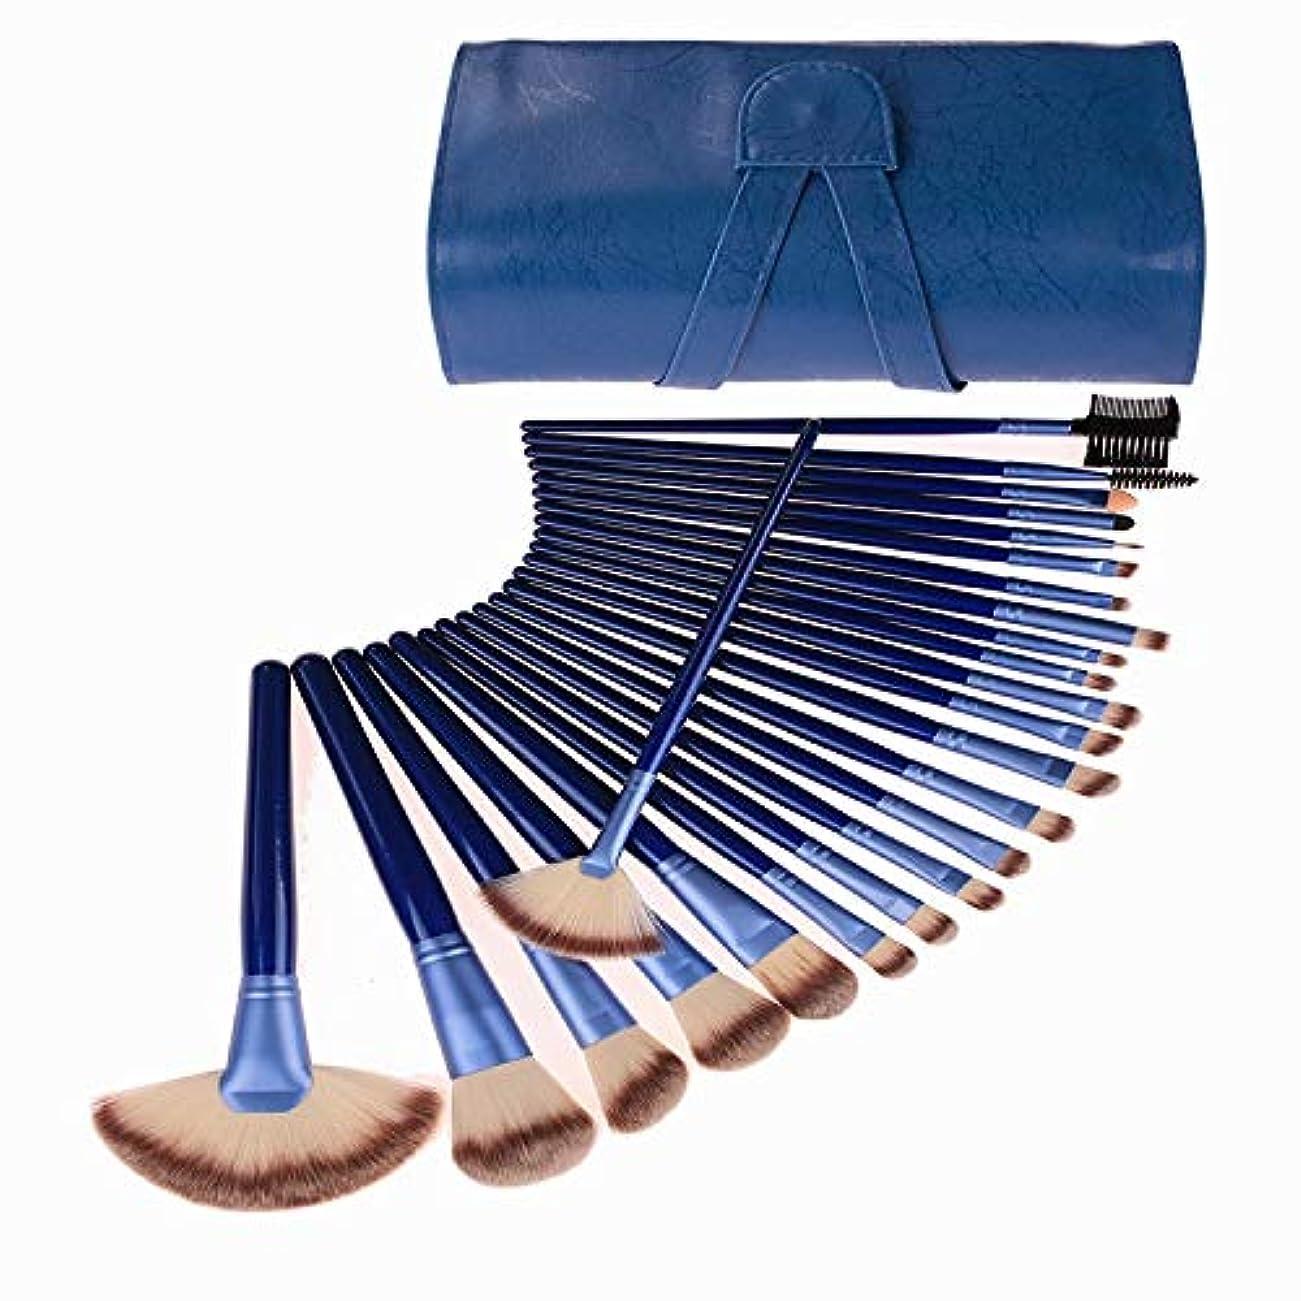 記念碑的な質素な等々化粧ブラシスタートメーカー24個天然竹化粧ブラシセットビーガンプロ化粧品歌舞伎ブラシ化粧ブラシセット非常に柔らかい化粧ブラシセット美容スポンジ (Color : Blue)